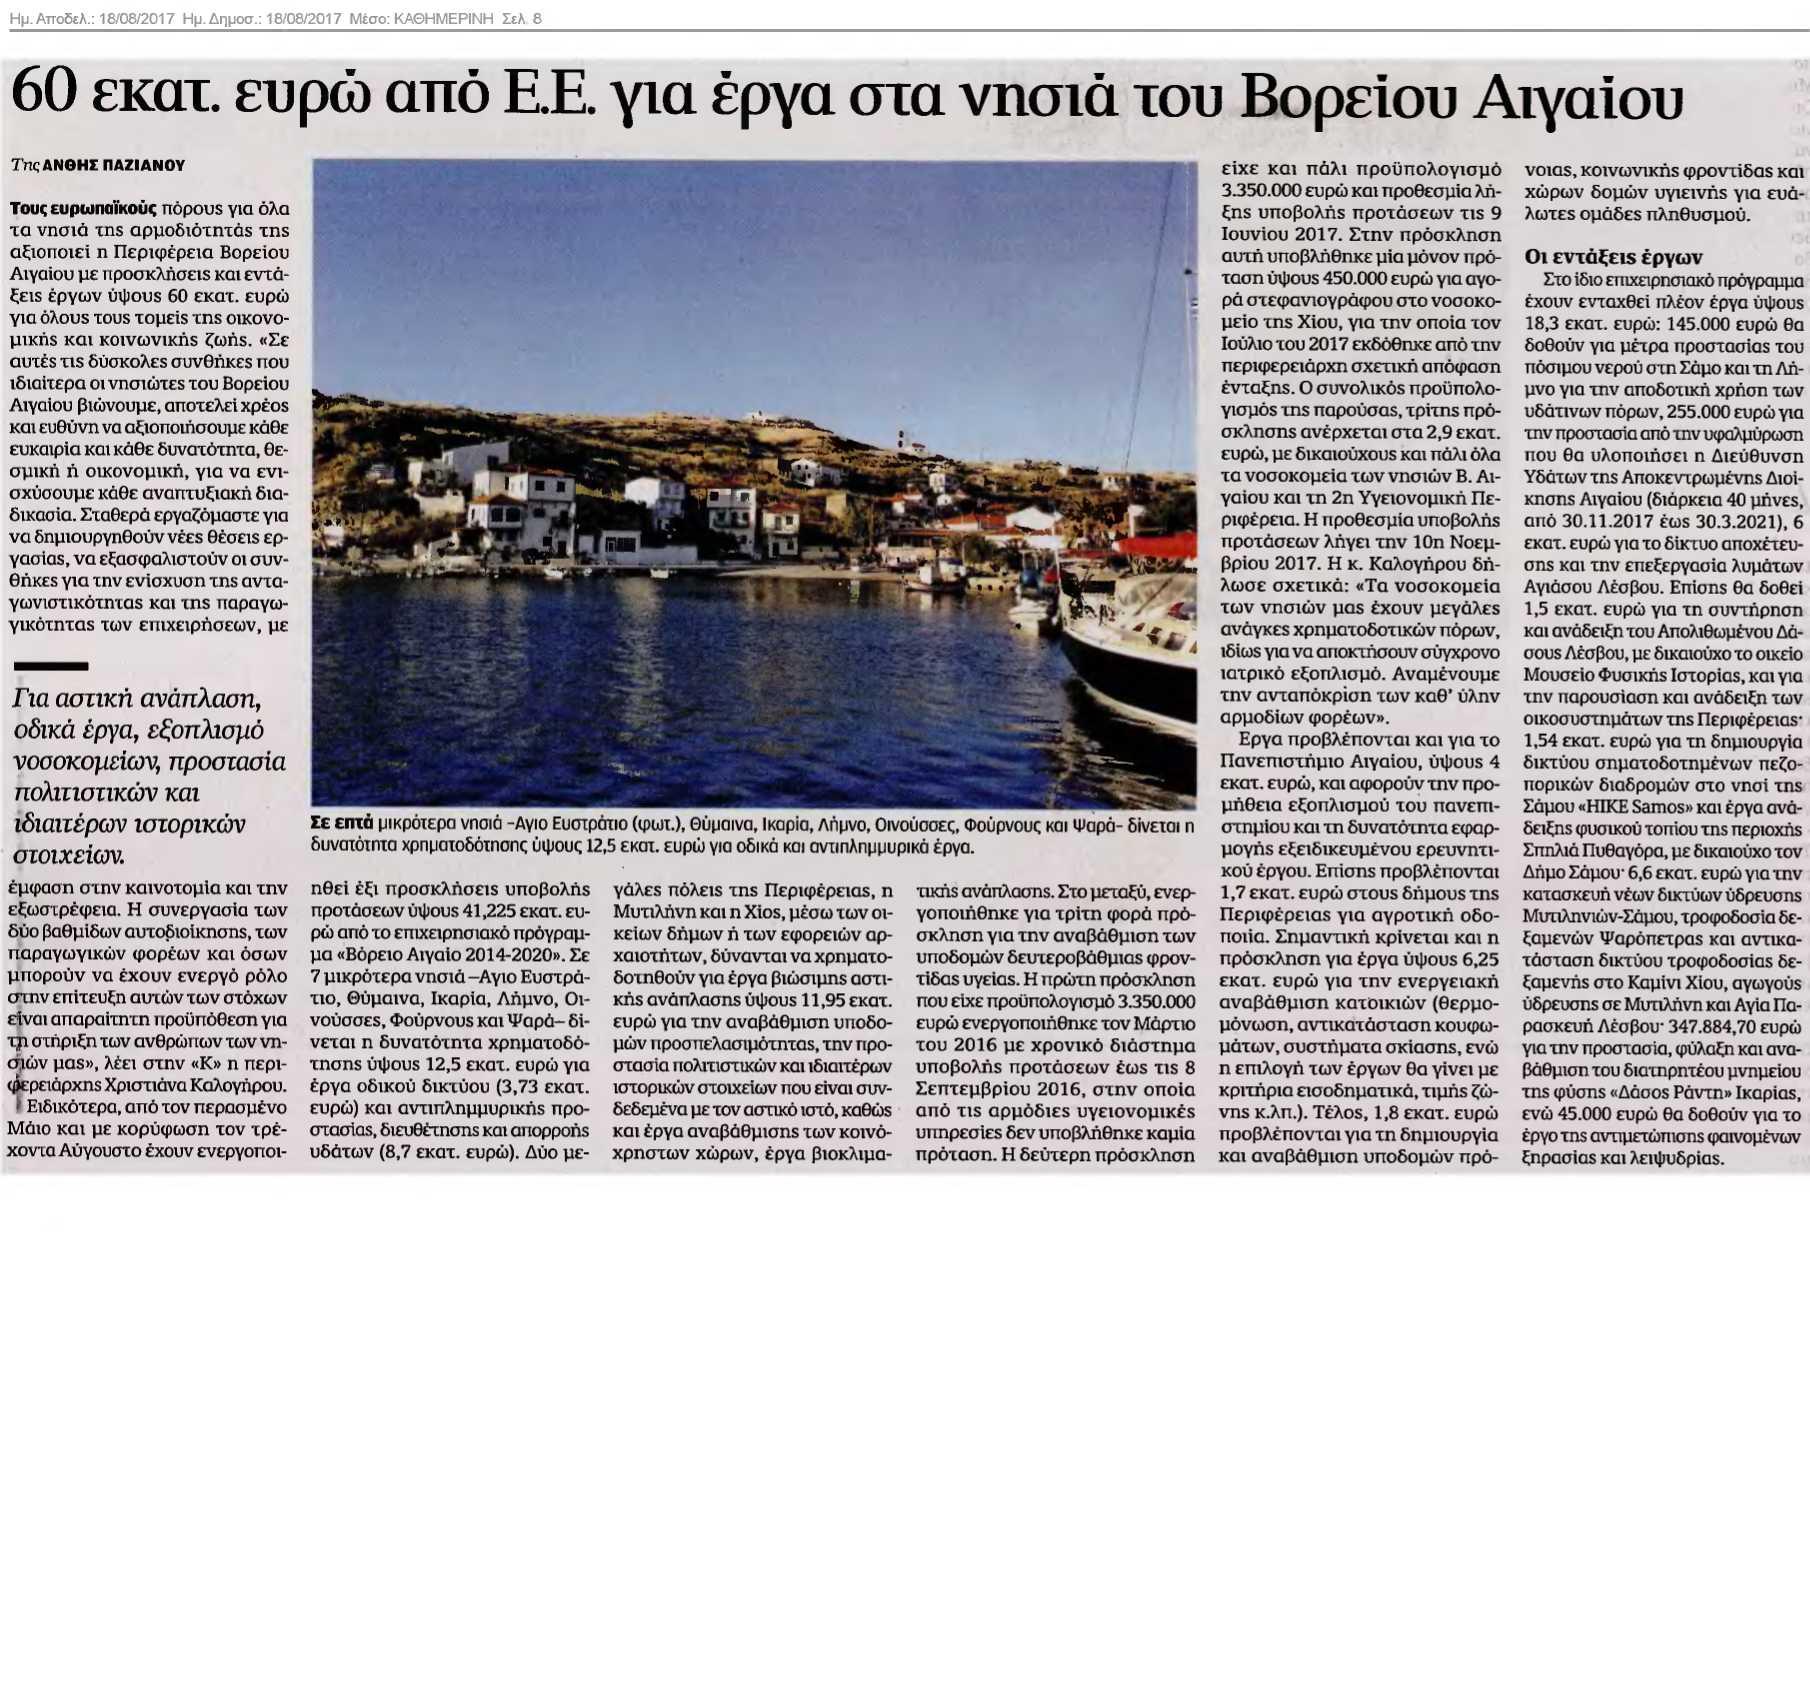 Εφημερίδα Καθημερινή: 60 εκατομμύρια ευρώ για έργα από την Περιφέρεια Βορείου Αιγαίου